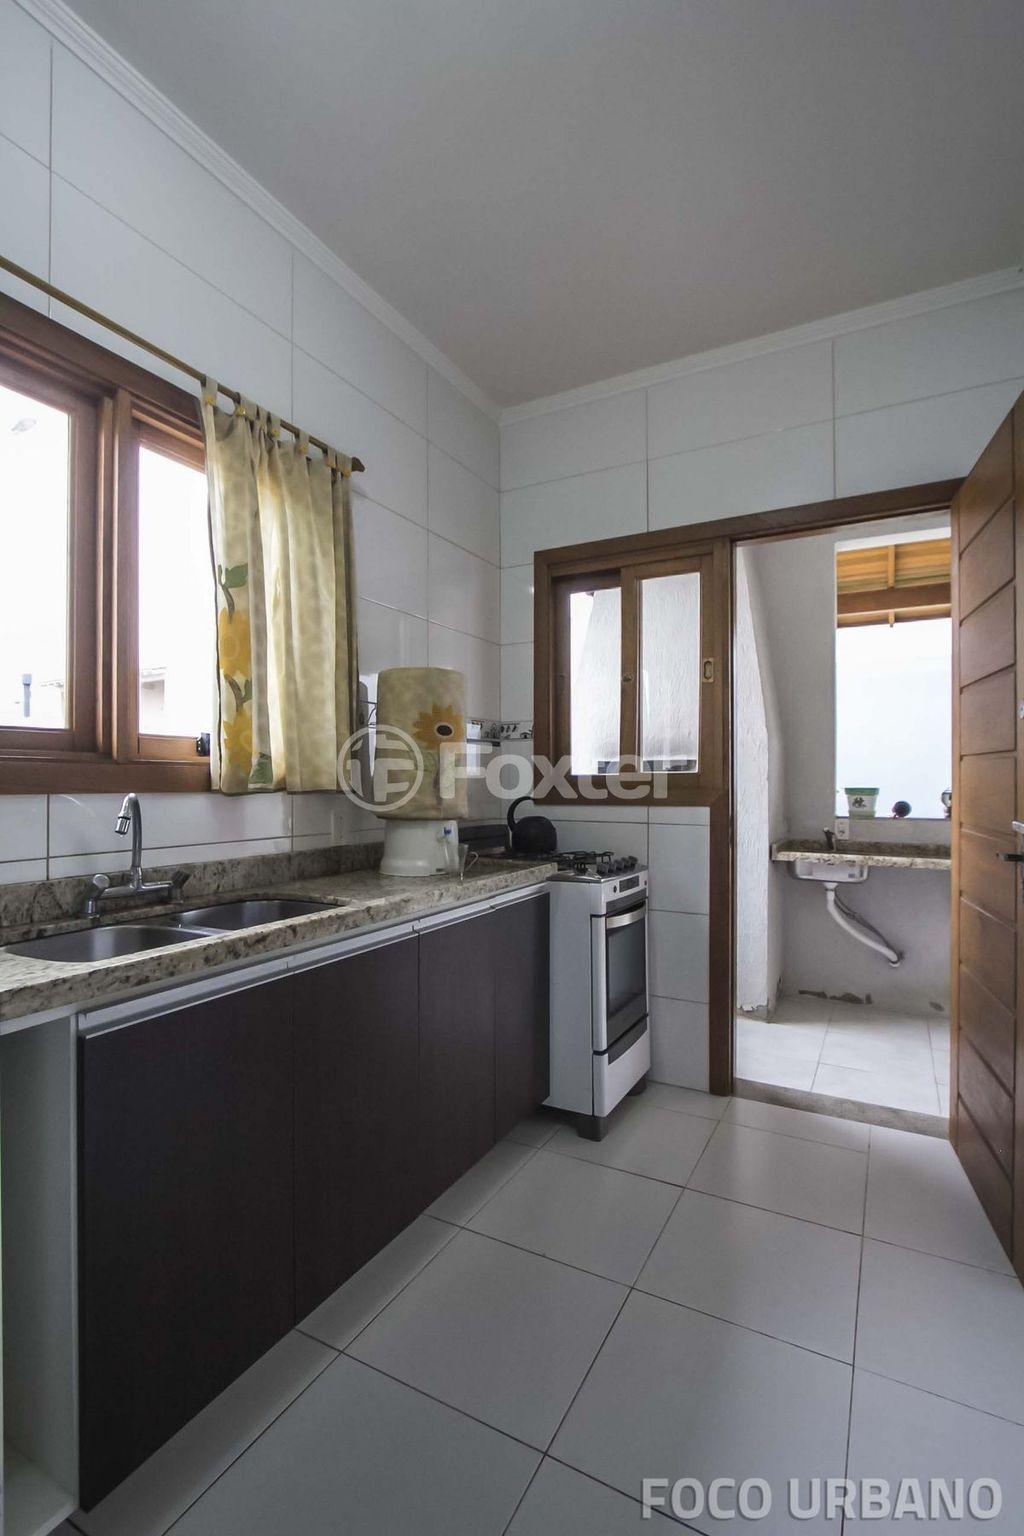 Foxter Imobiliária - Casa 4 Dorm, Mário Quintana - Foto 11